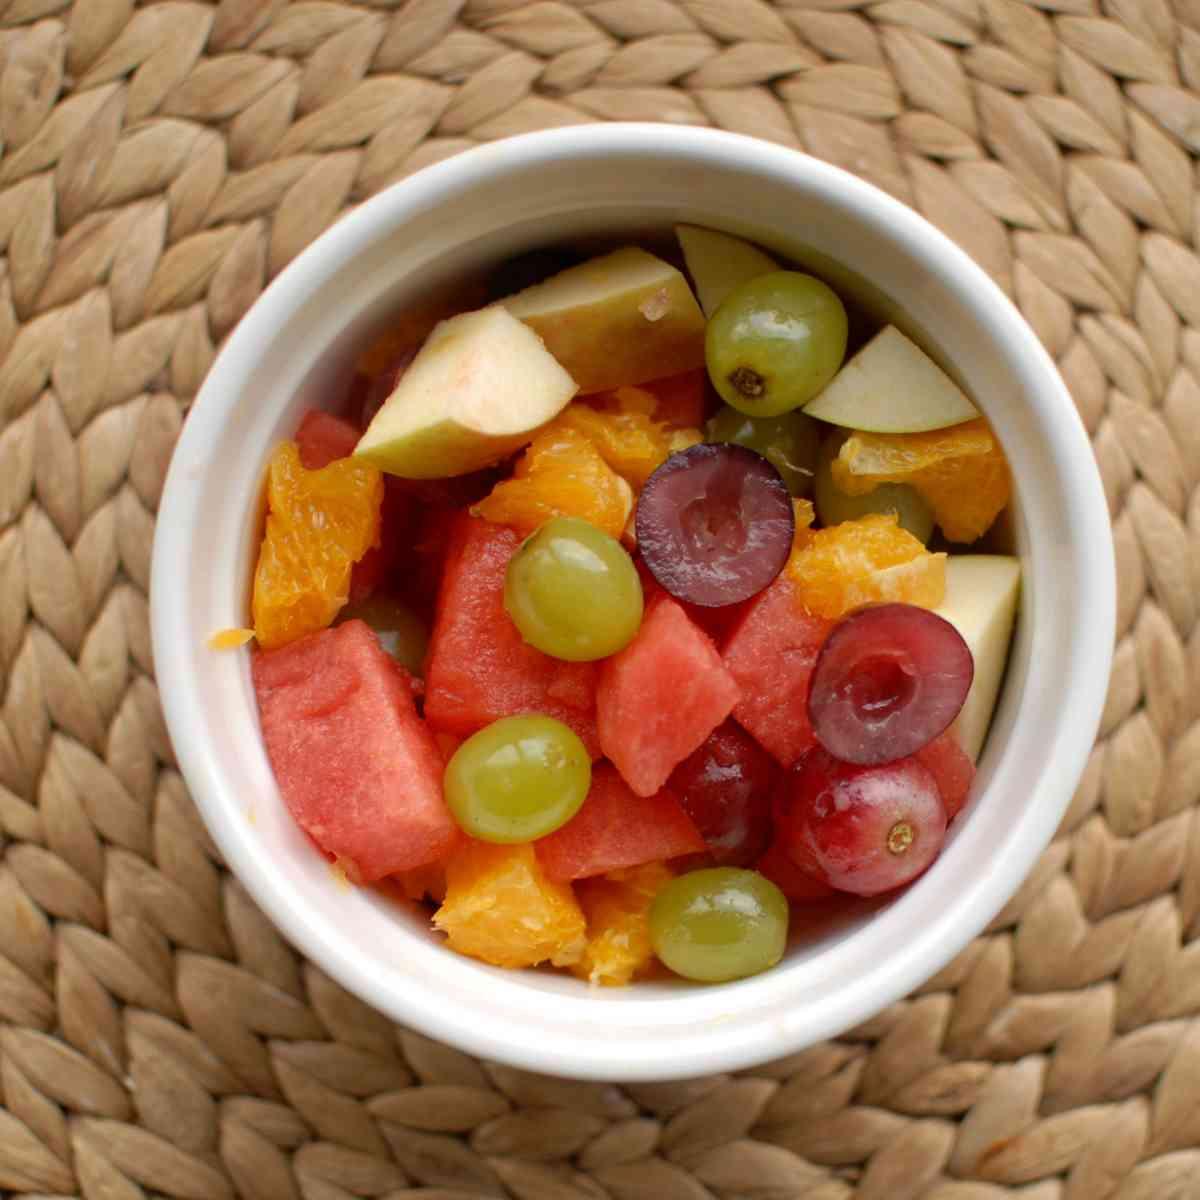 Ovocný salát malý